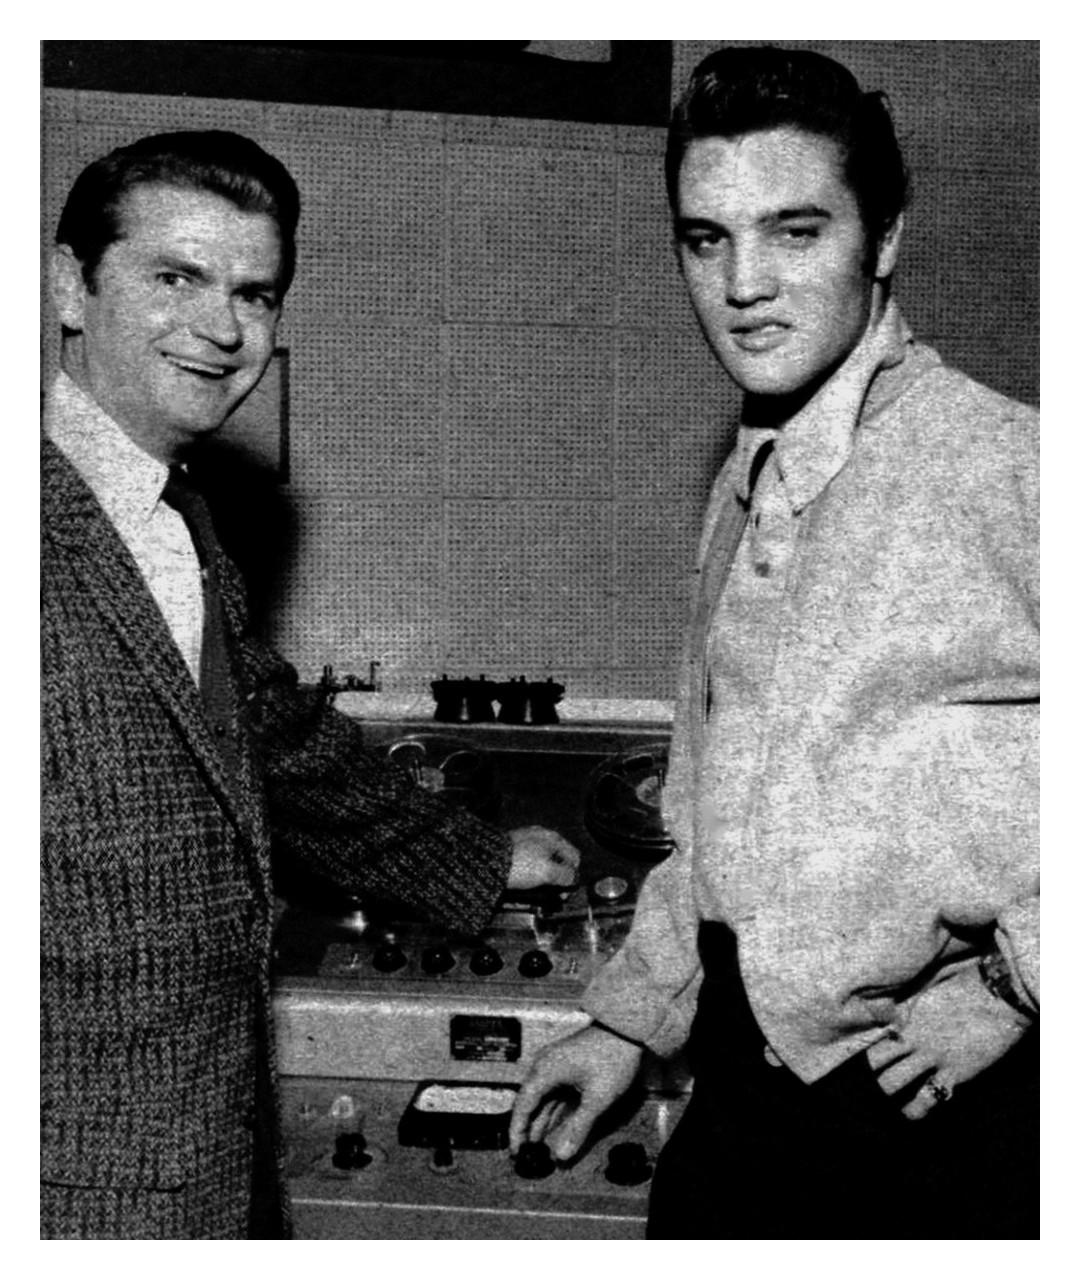 George Pierce - Sun Records - December 4, 1956 (10a)